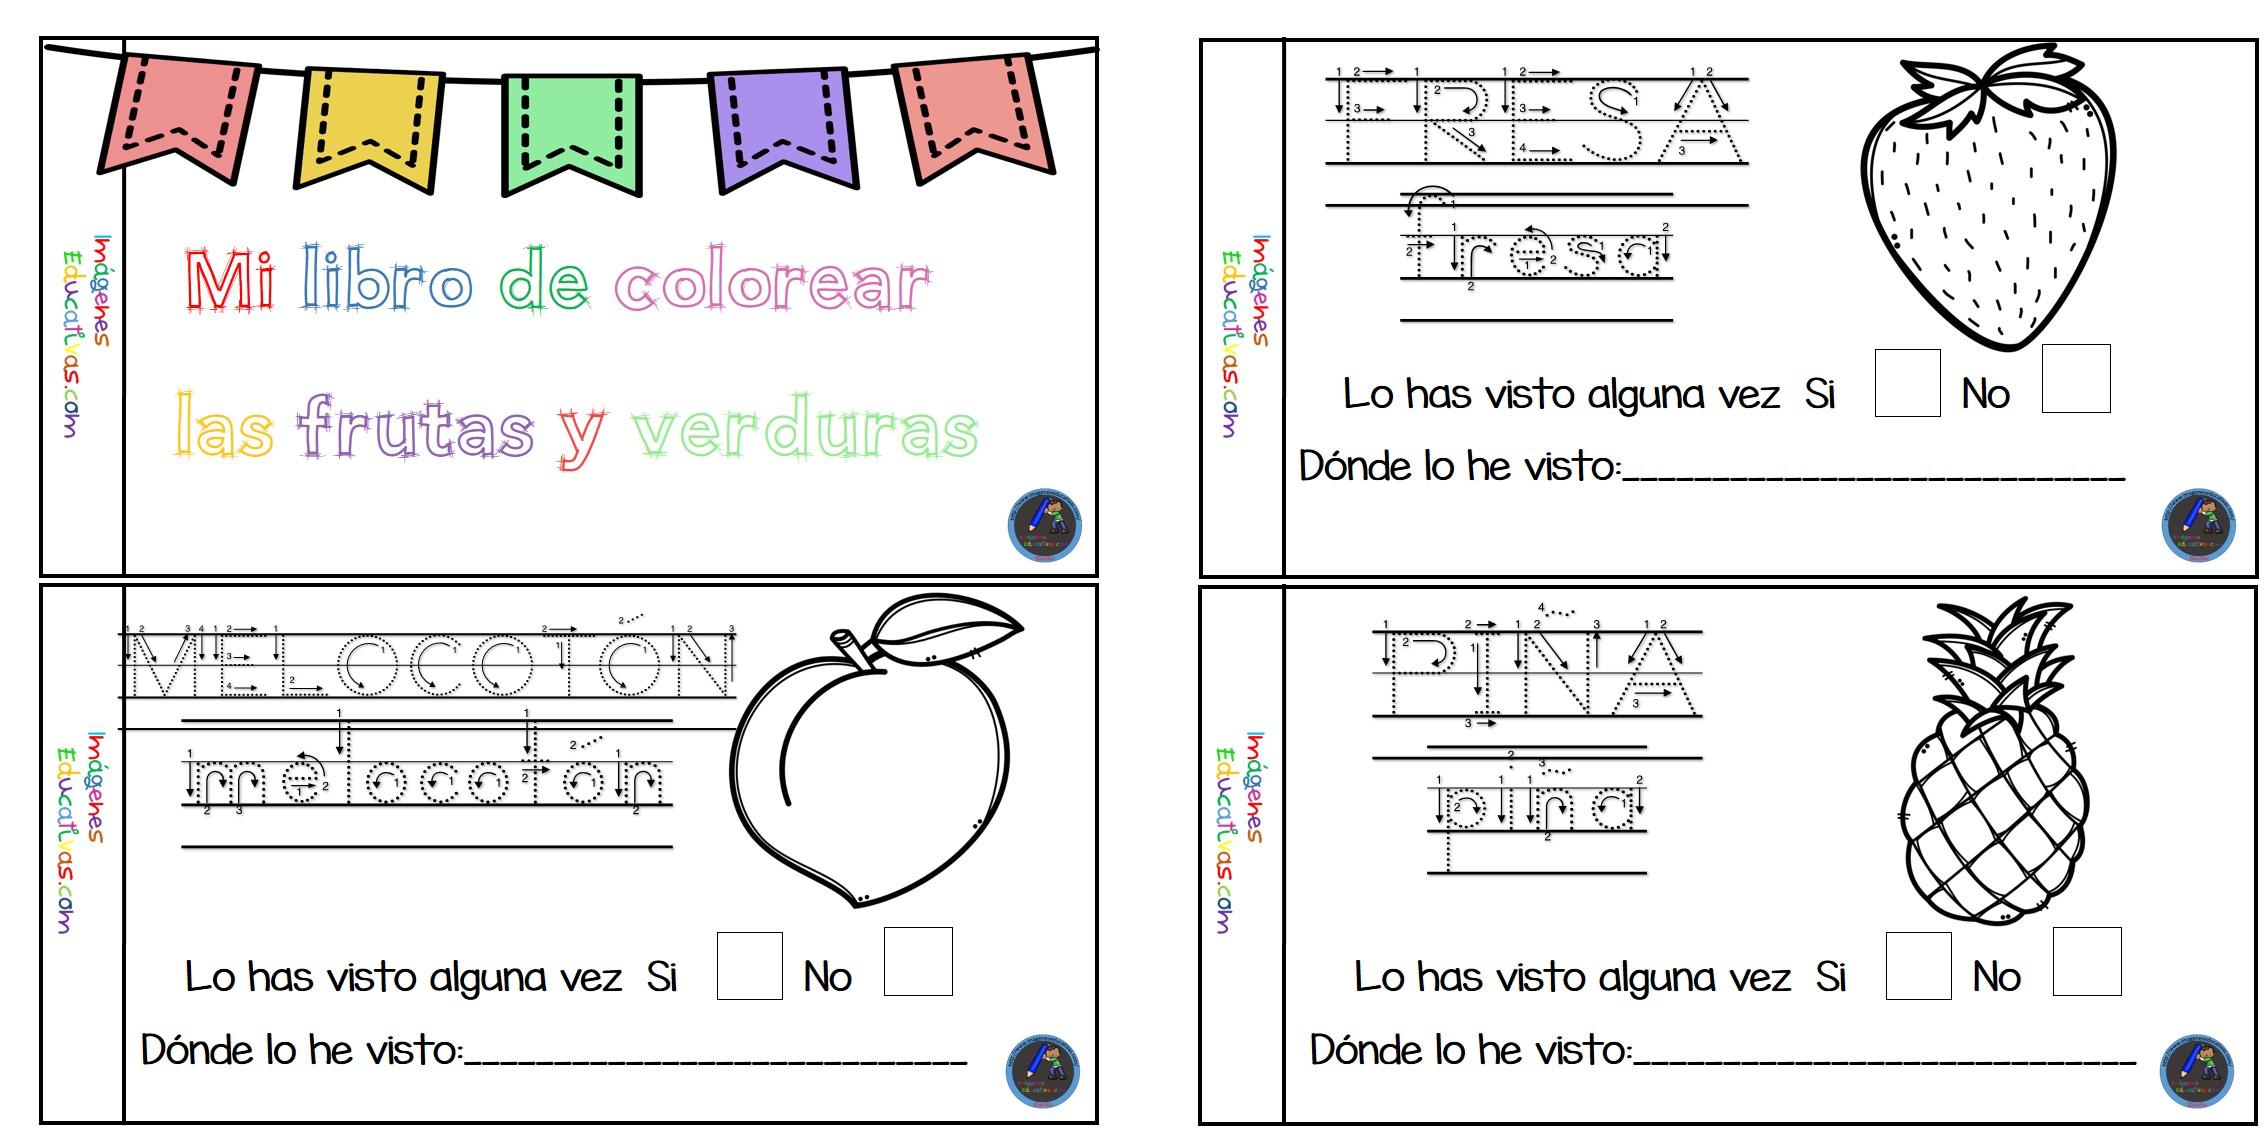 Dibujos Para Colorear Frutas Y Verduras Imagesacolorierwebsite